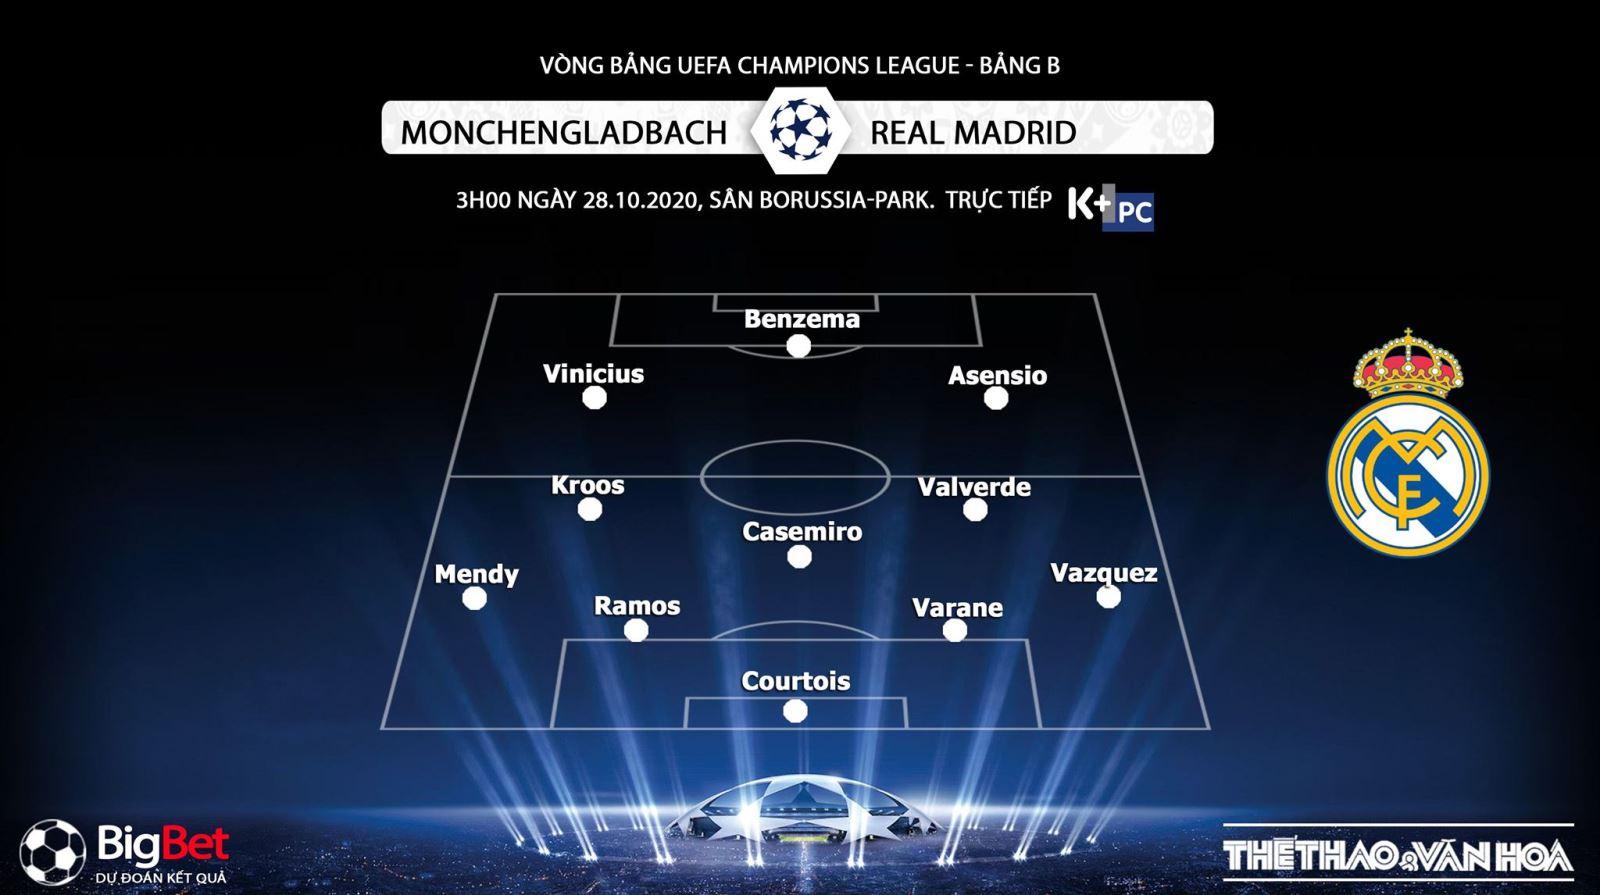 Keo nha cai, kèo nhà cái, Gladbach vs Real Madrid, Trực tiếp bóng đá Cúp C1 châu Âu, K+PM, trực tiếp bóng đá Real Madrid đấu với Gladbach, kèo bóng đá, kèo Real Madrid